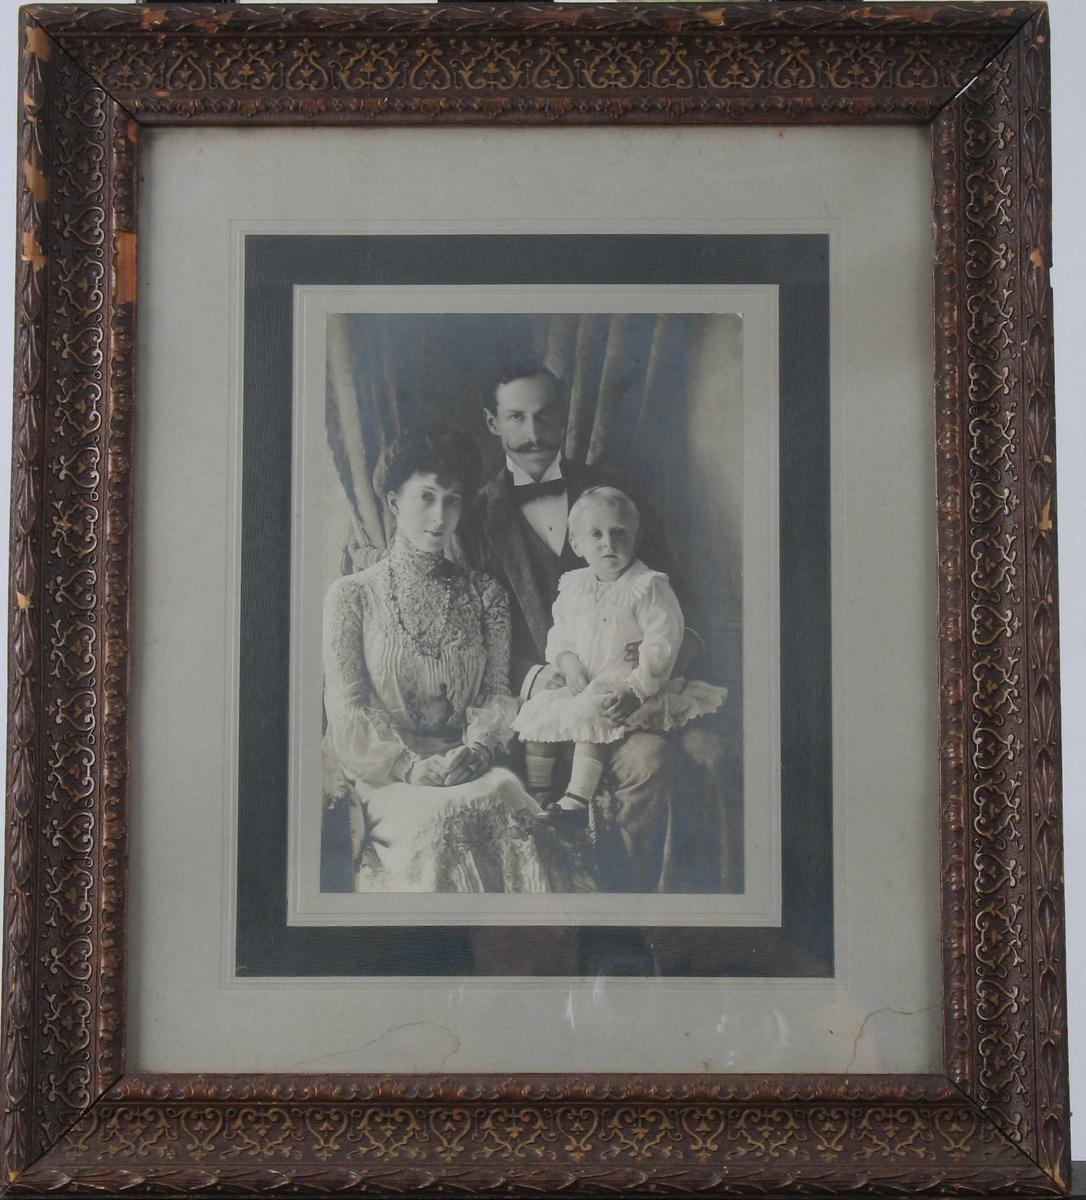 Kongefamilien. Dronning Maud, Kong Håkon VII og kronprins 0lav.  Maud sittende tv.  th. for henne med kronprinsen i hvite klær på  fanget.   Svakt brun toning. Usignert. På lys grå kartong med mørkere grå kant.